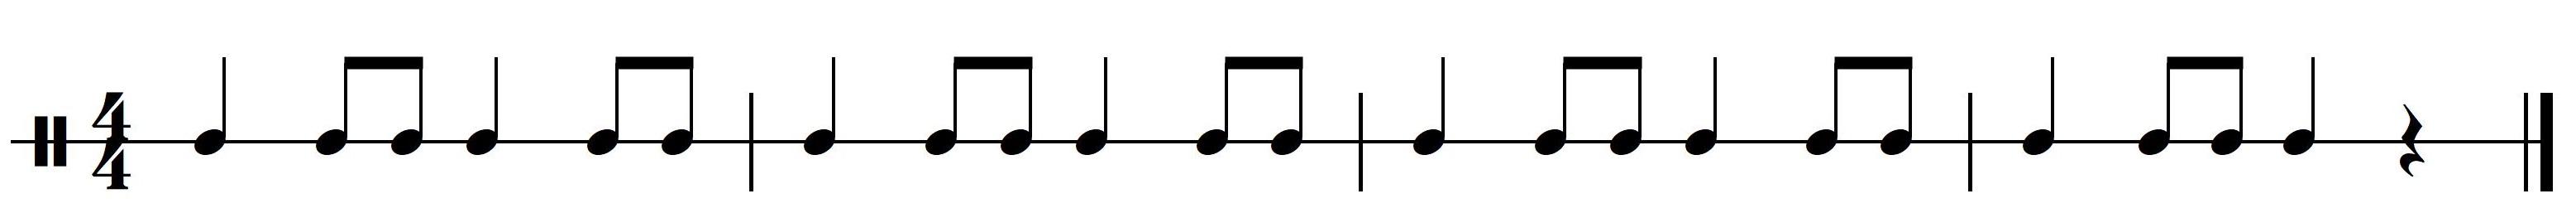 Ritme 2b. Basisritme 2 uit meespeelpartituur Dance Monkey